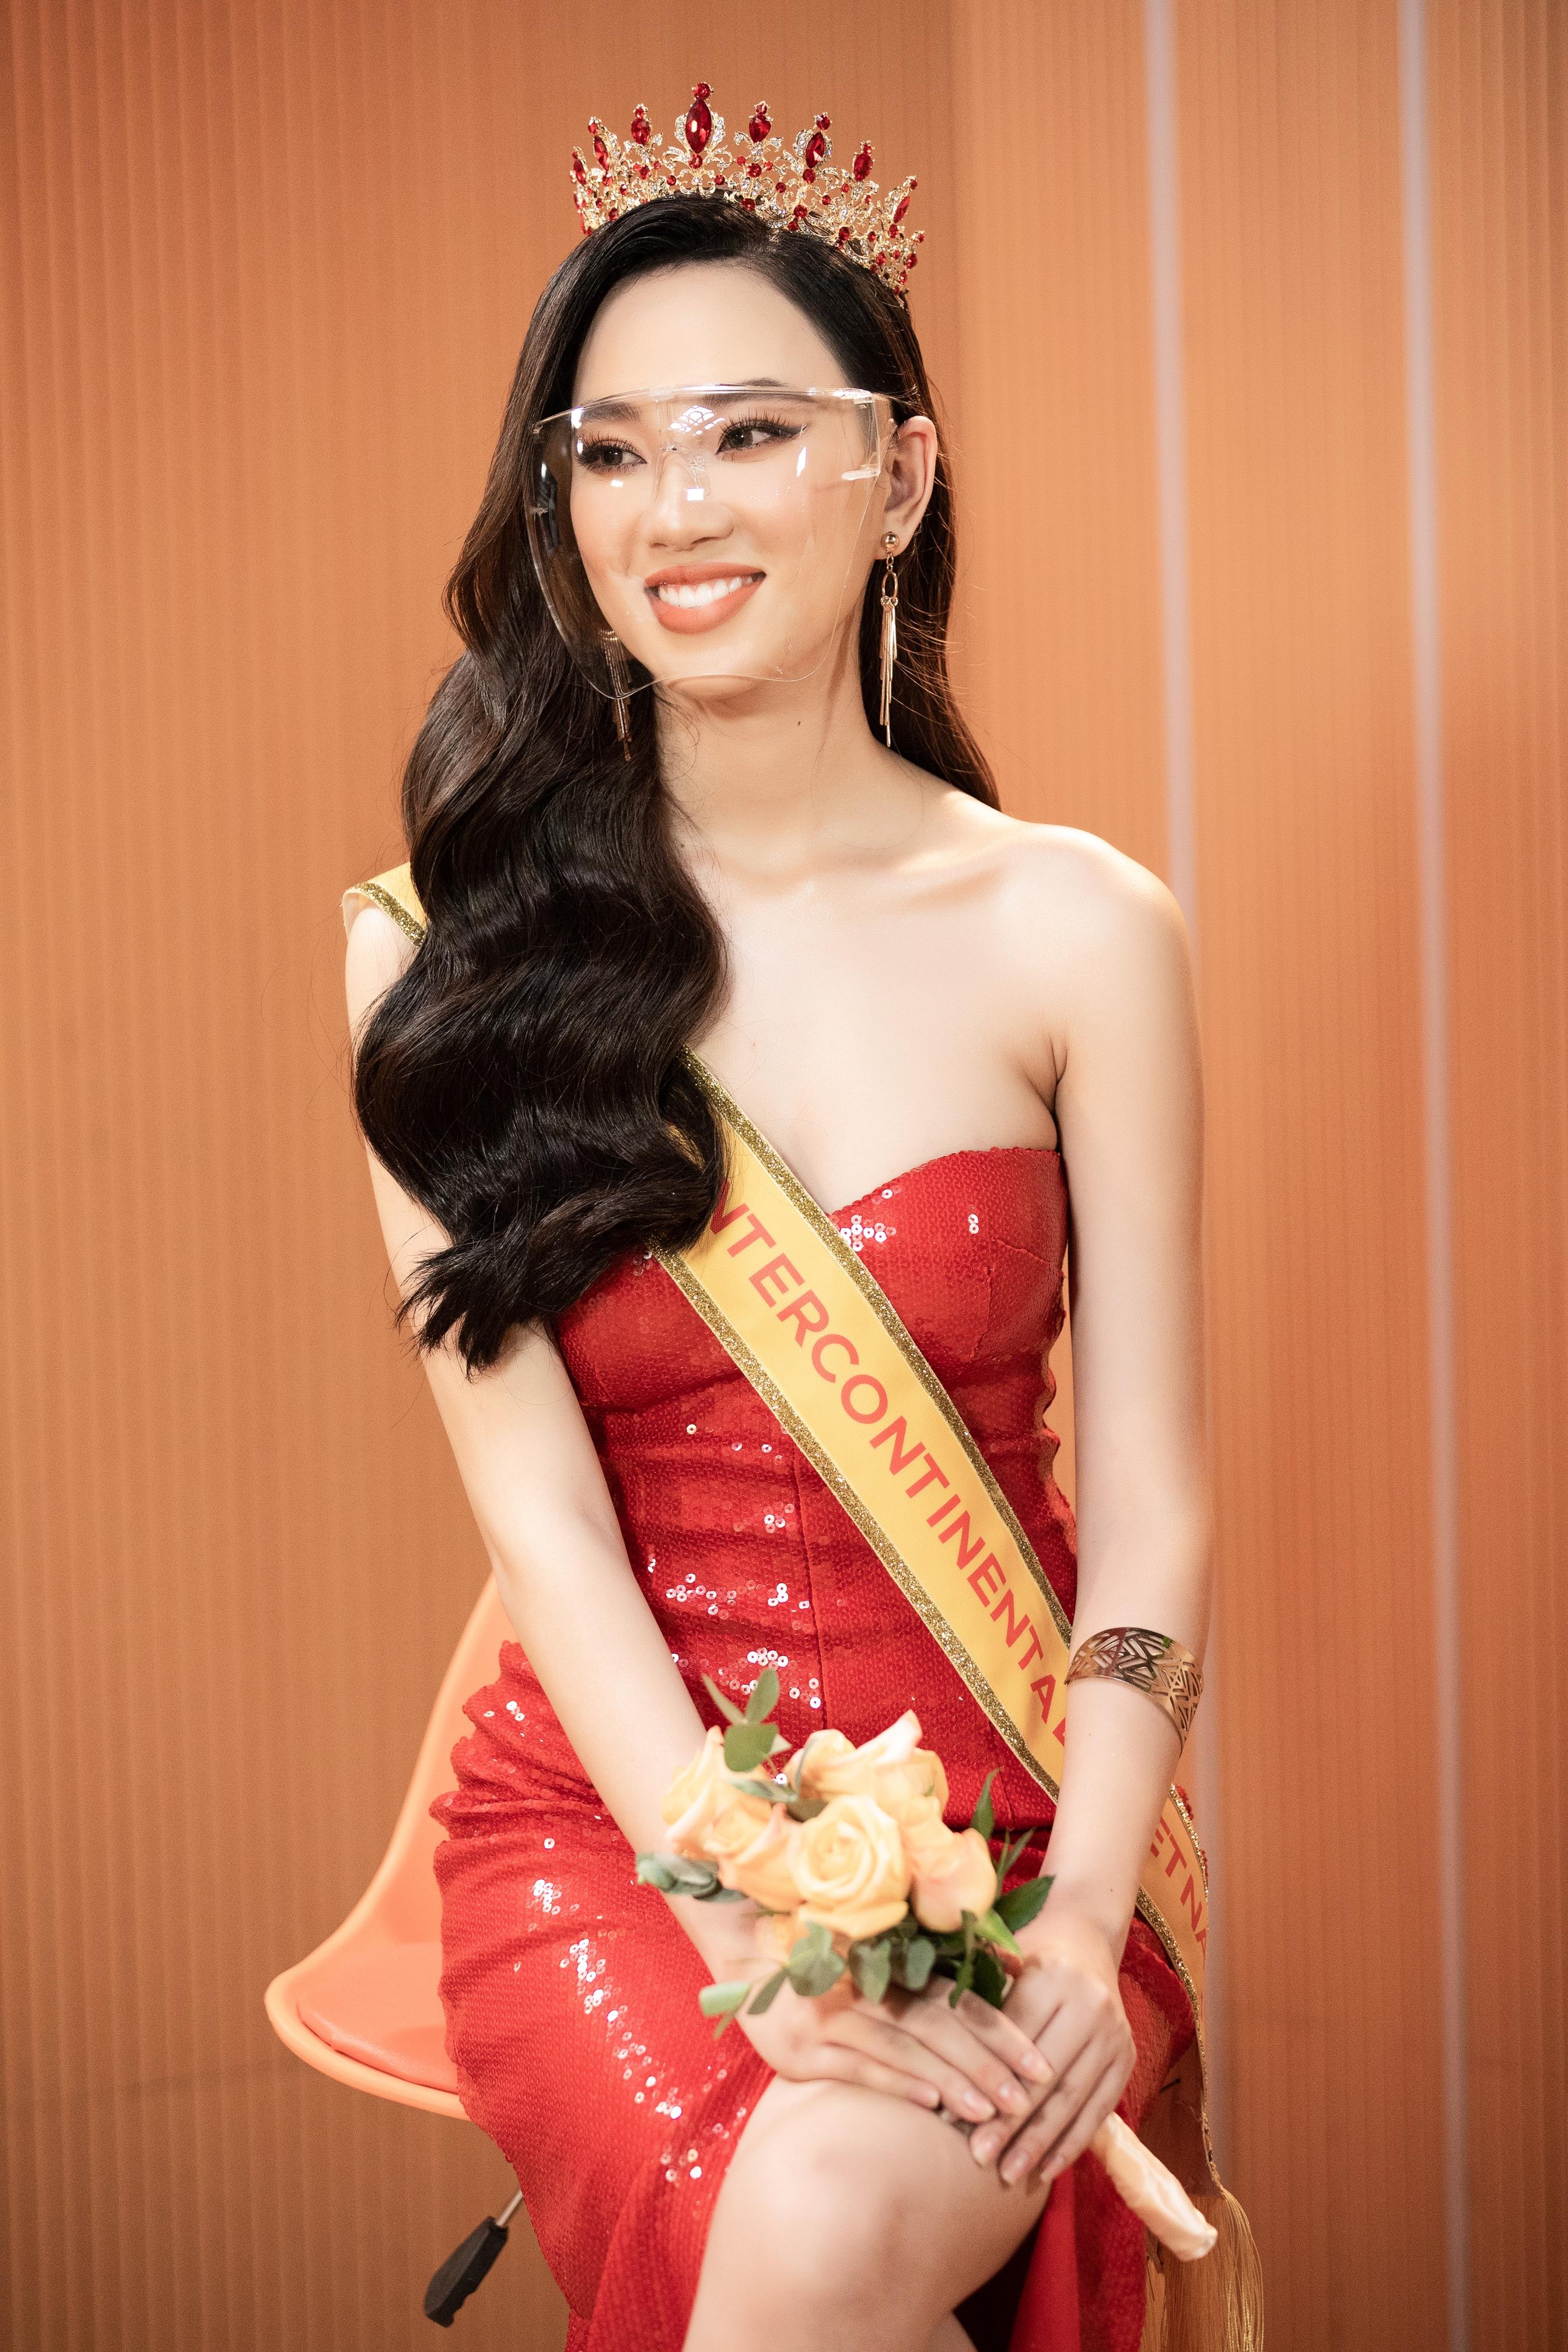 Được biết, Ái Nhisinh năm 1998, đến từ Đắk Lắk và hiện đang là sinh viên ngành Kinh doanh thương mại của trường Đại học Văn Lang.